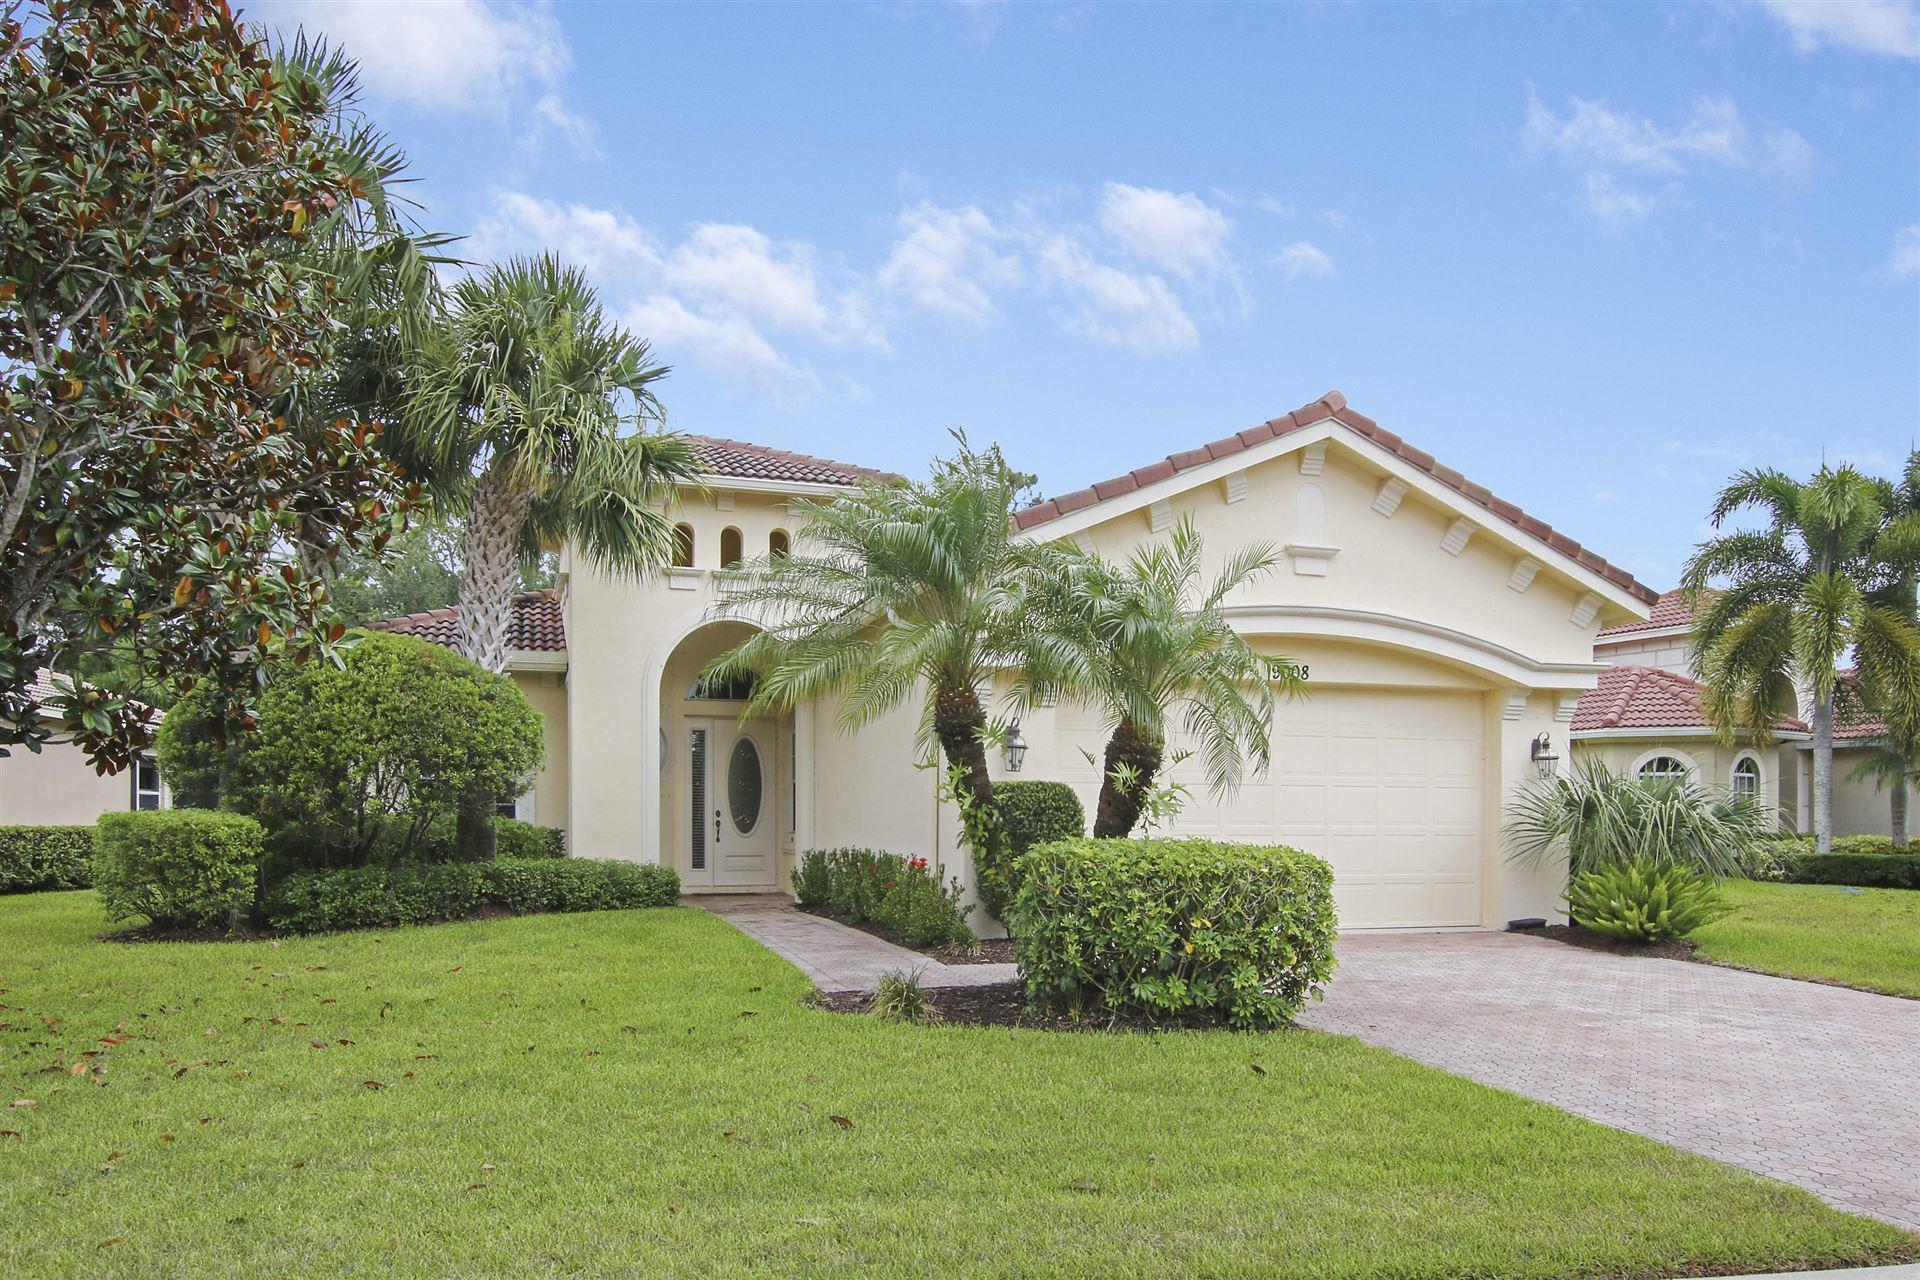 9008 Pumpkin Ridge Road, Port Saint Lucie, FL 34986 - MLS#: RX-10722321